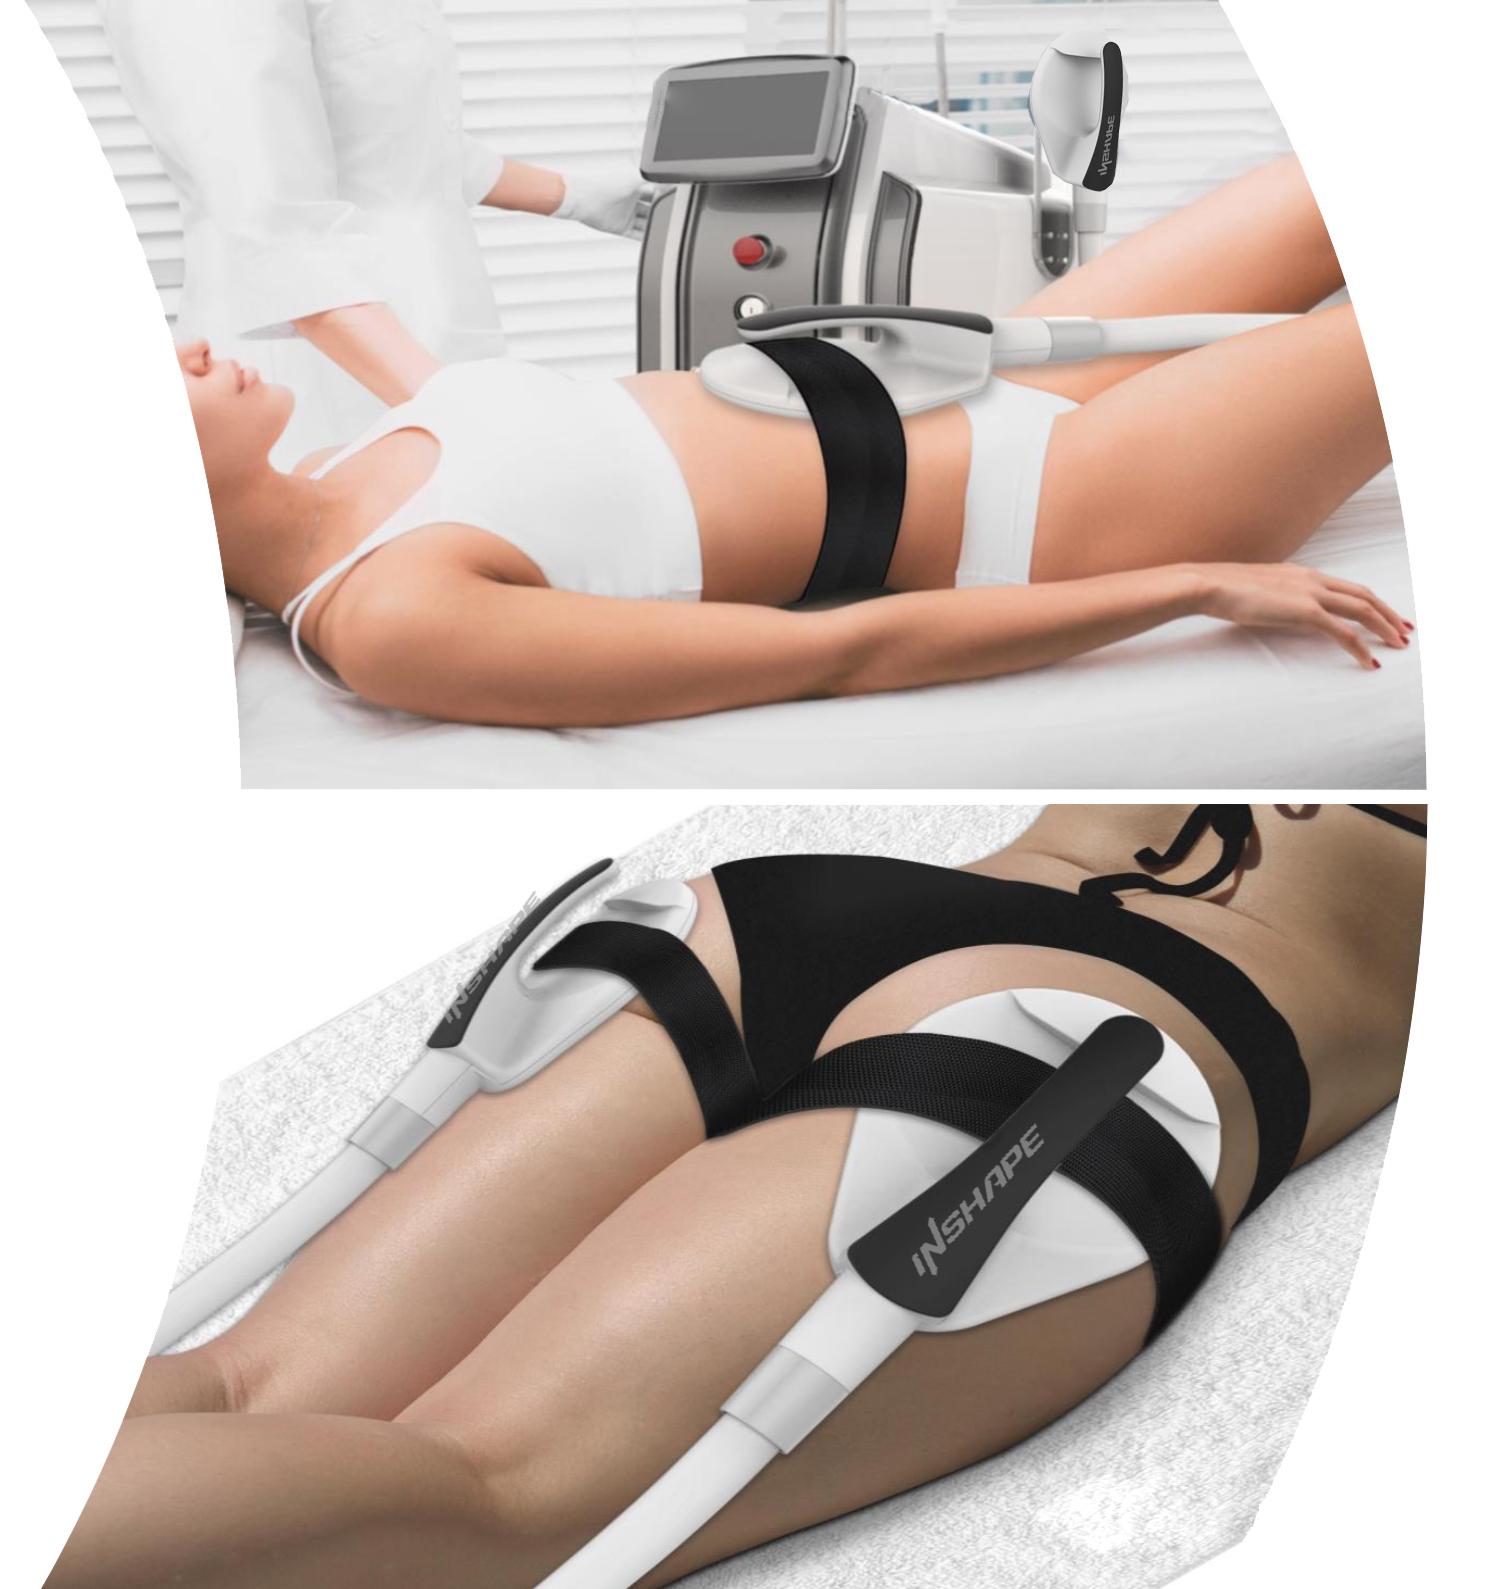 INSHAPE nueva generación de dispositivos para modelar el cuerpo. tecnología inteligente de entrenamiento muscular automático